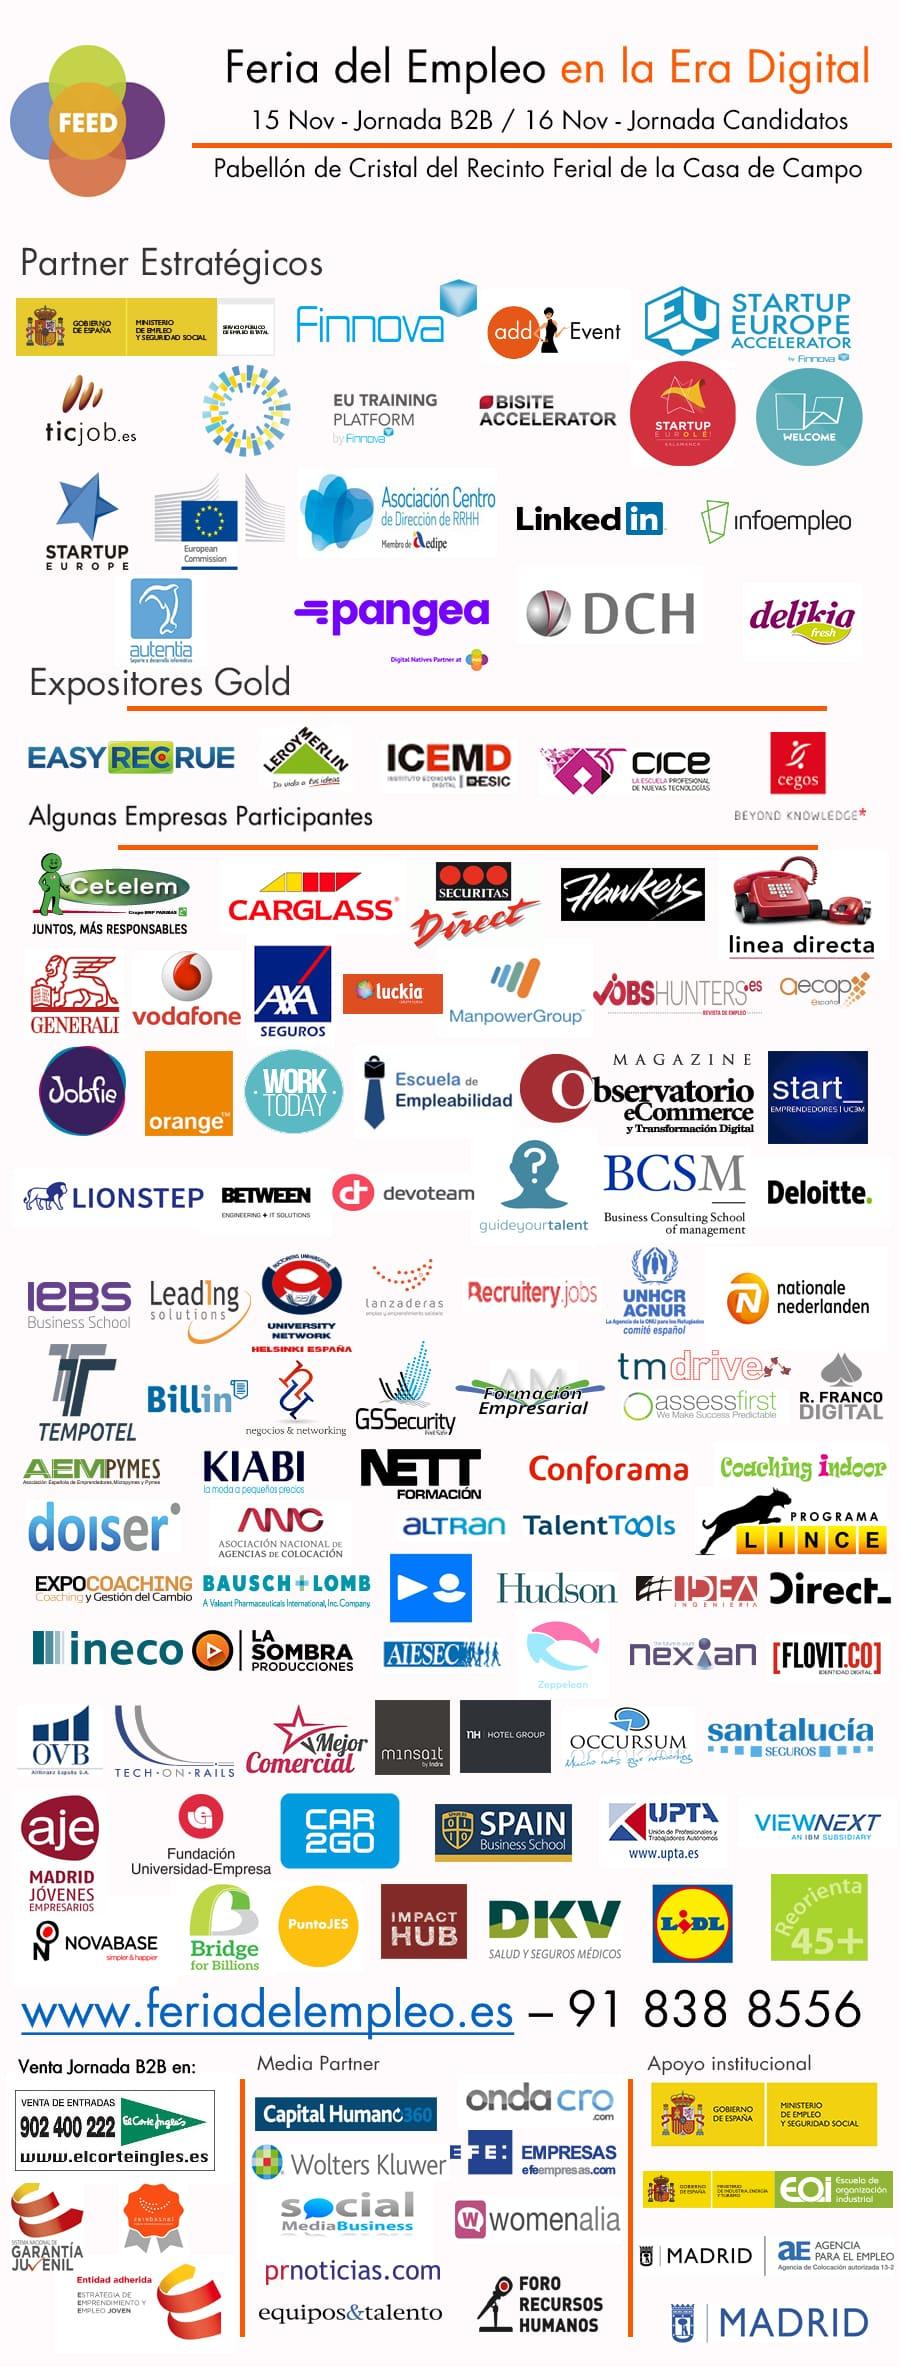 firma-feed2016-071116 - feria del empleo en la era digital